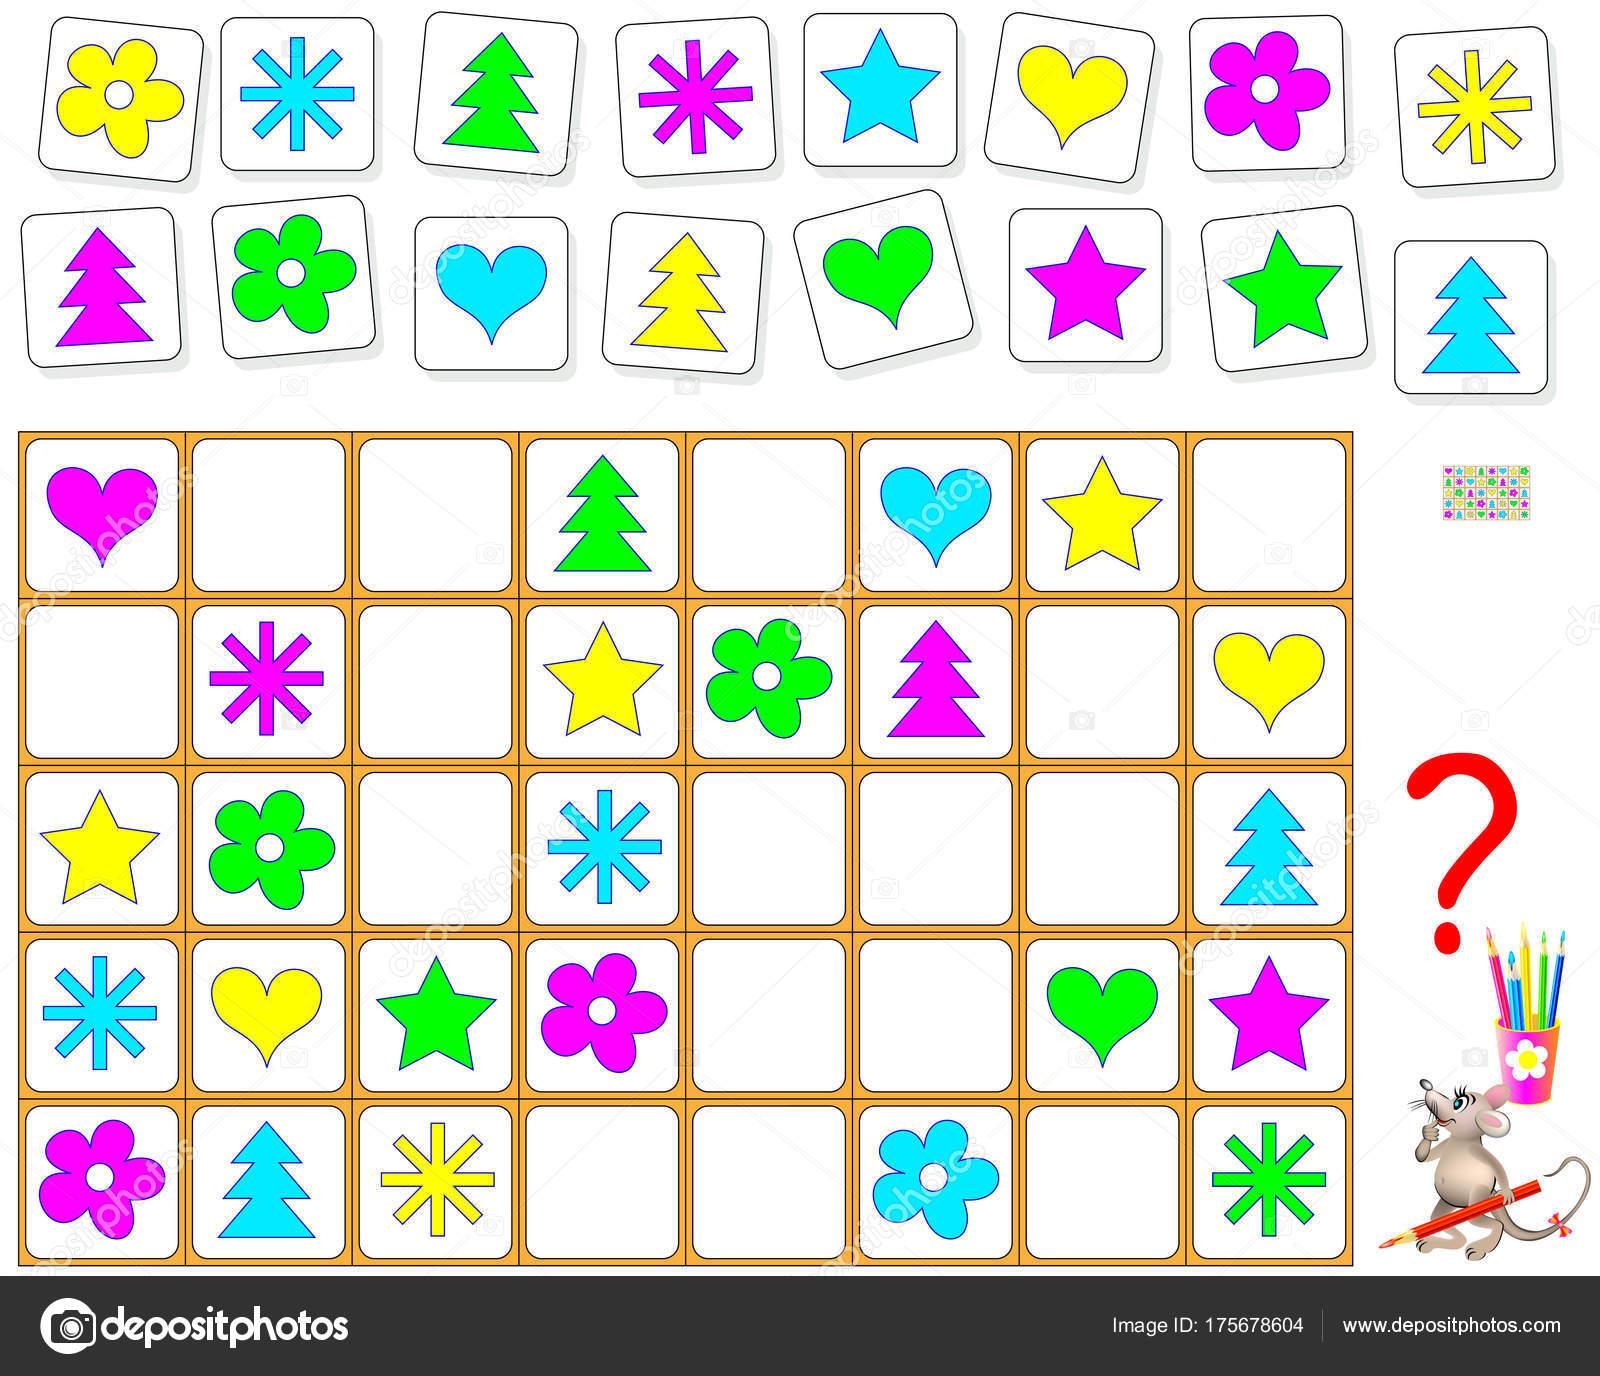 Logik Puzzle Spiel Zeichnen Sie Die Fehlenden Objekte Leere Plätze ...